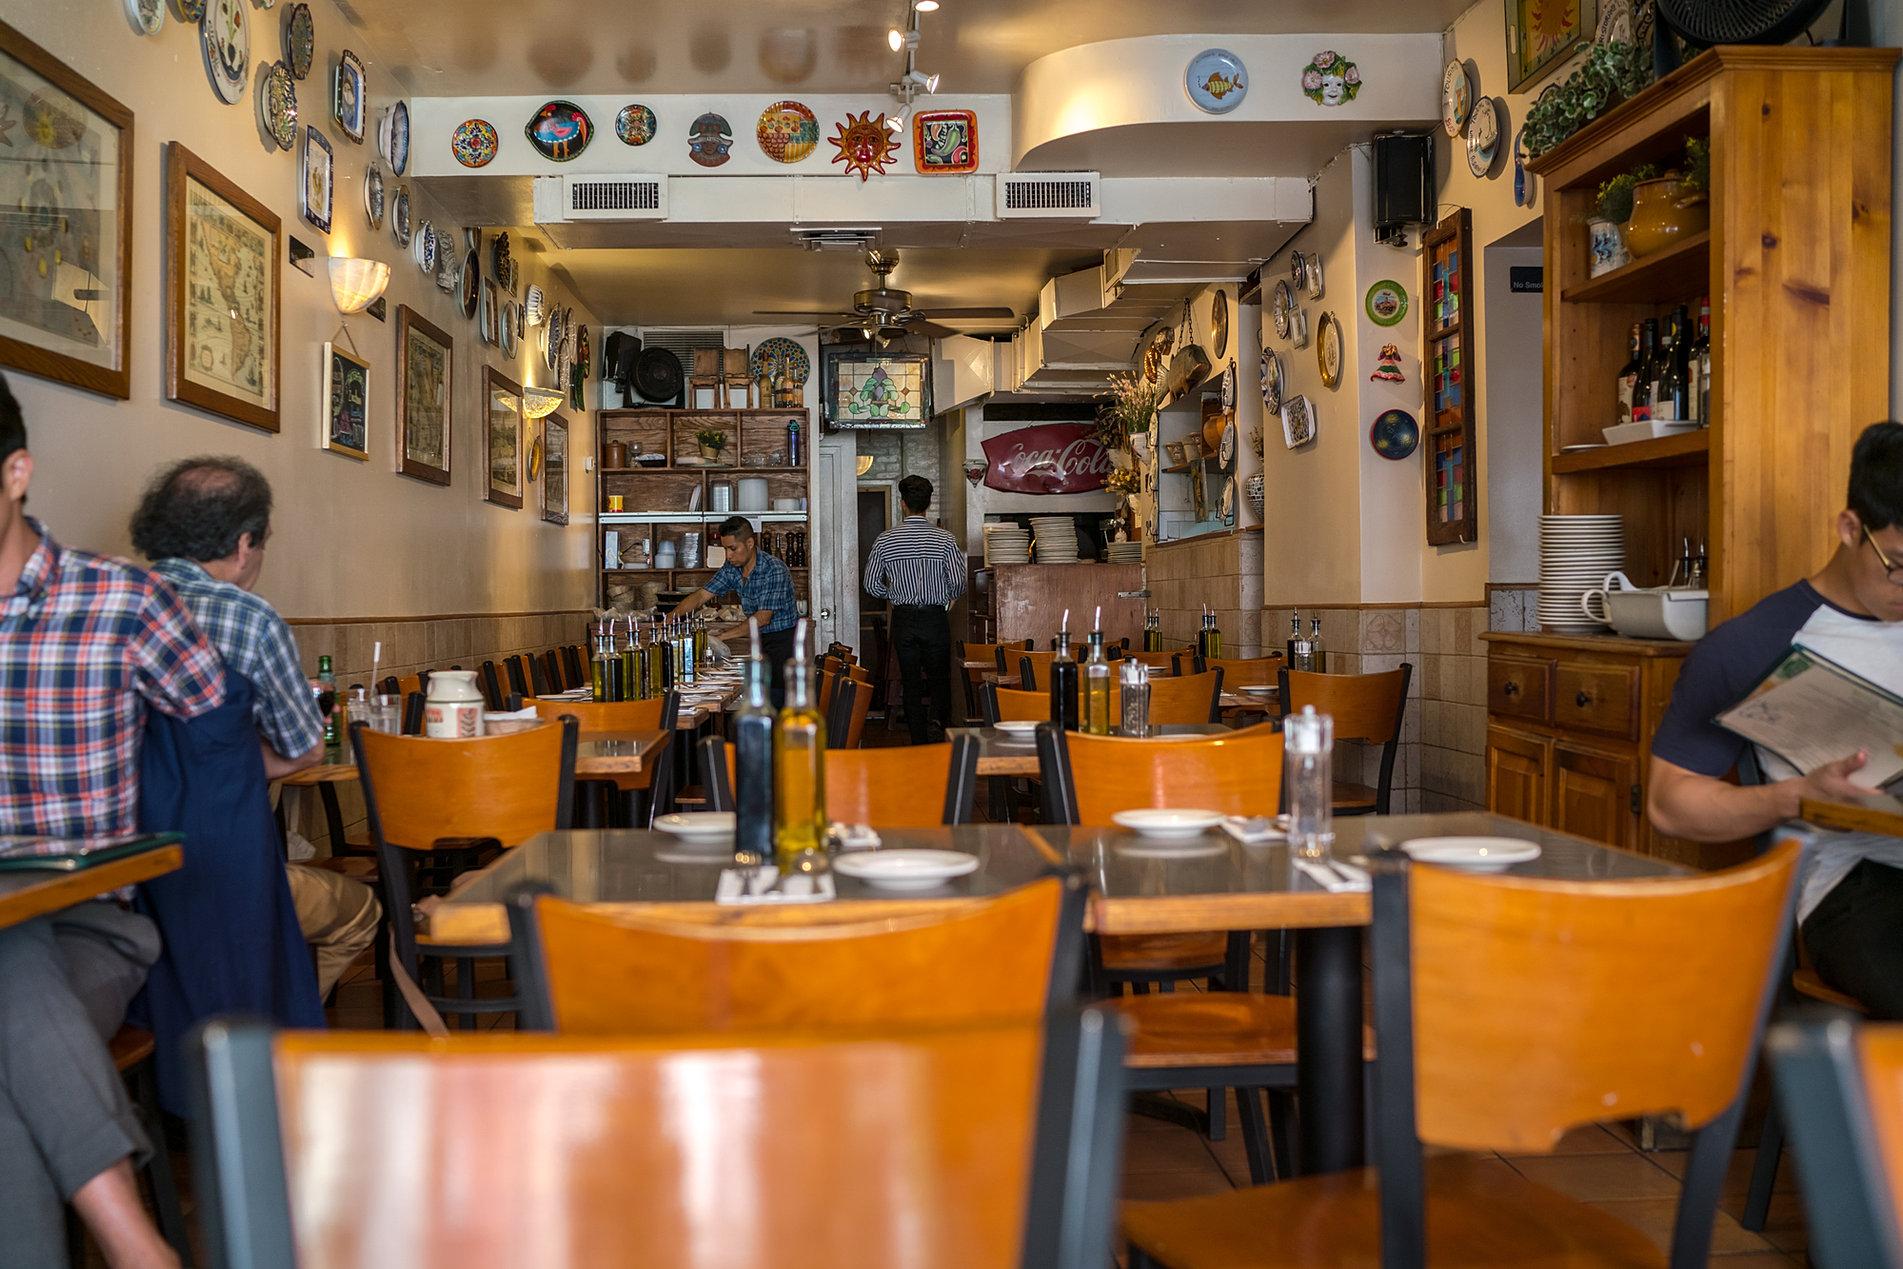 Italian Restaurant Near Me: Italian Restaurant In SOHO New York